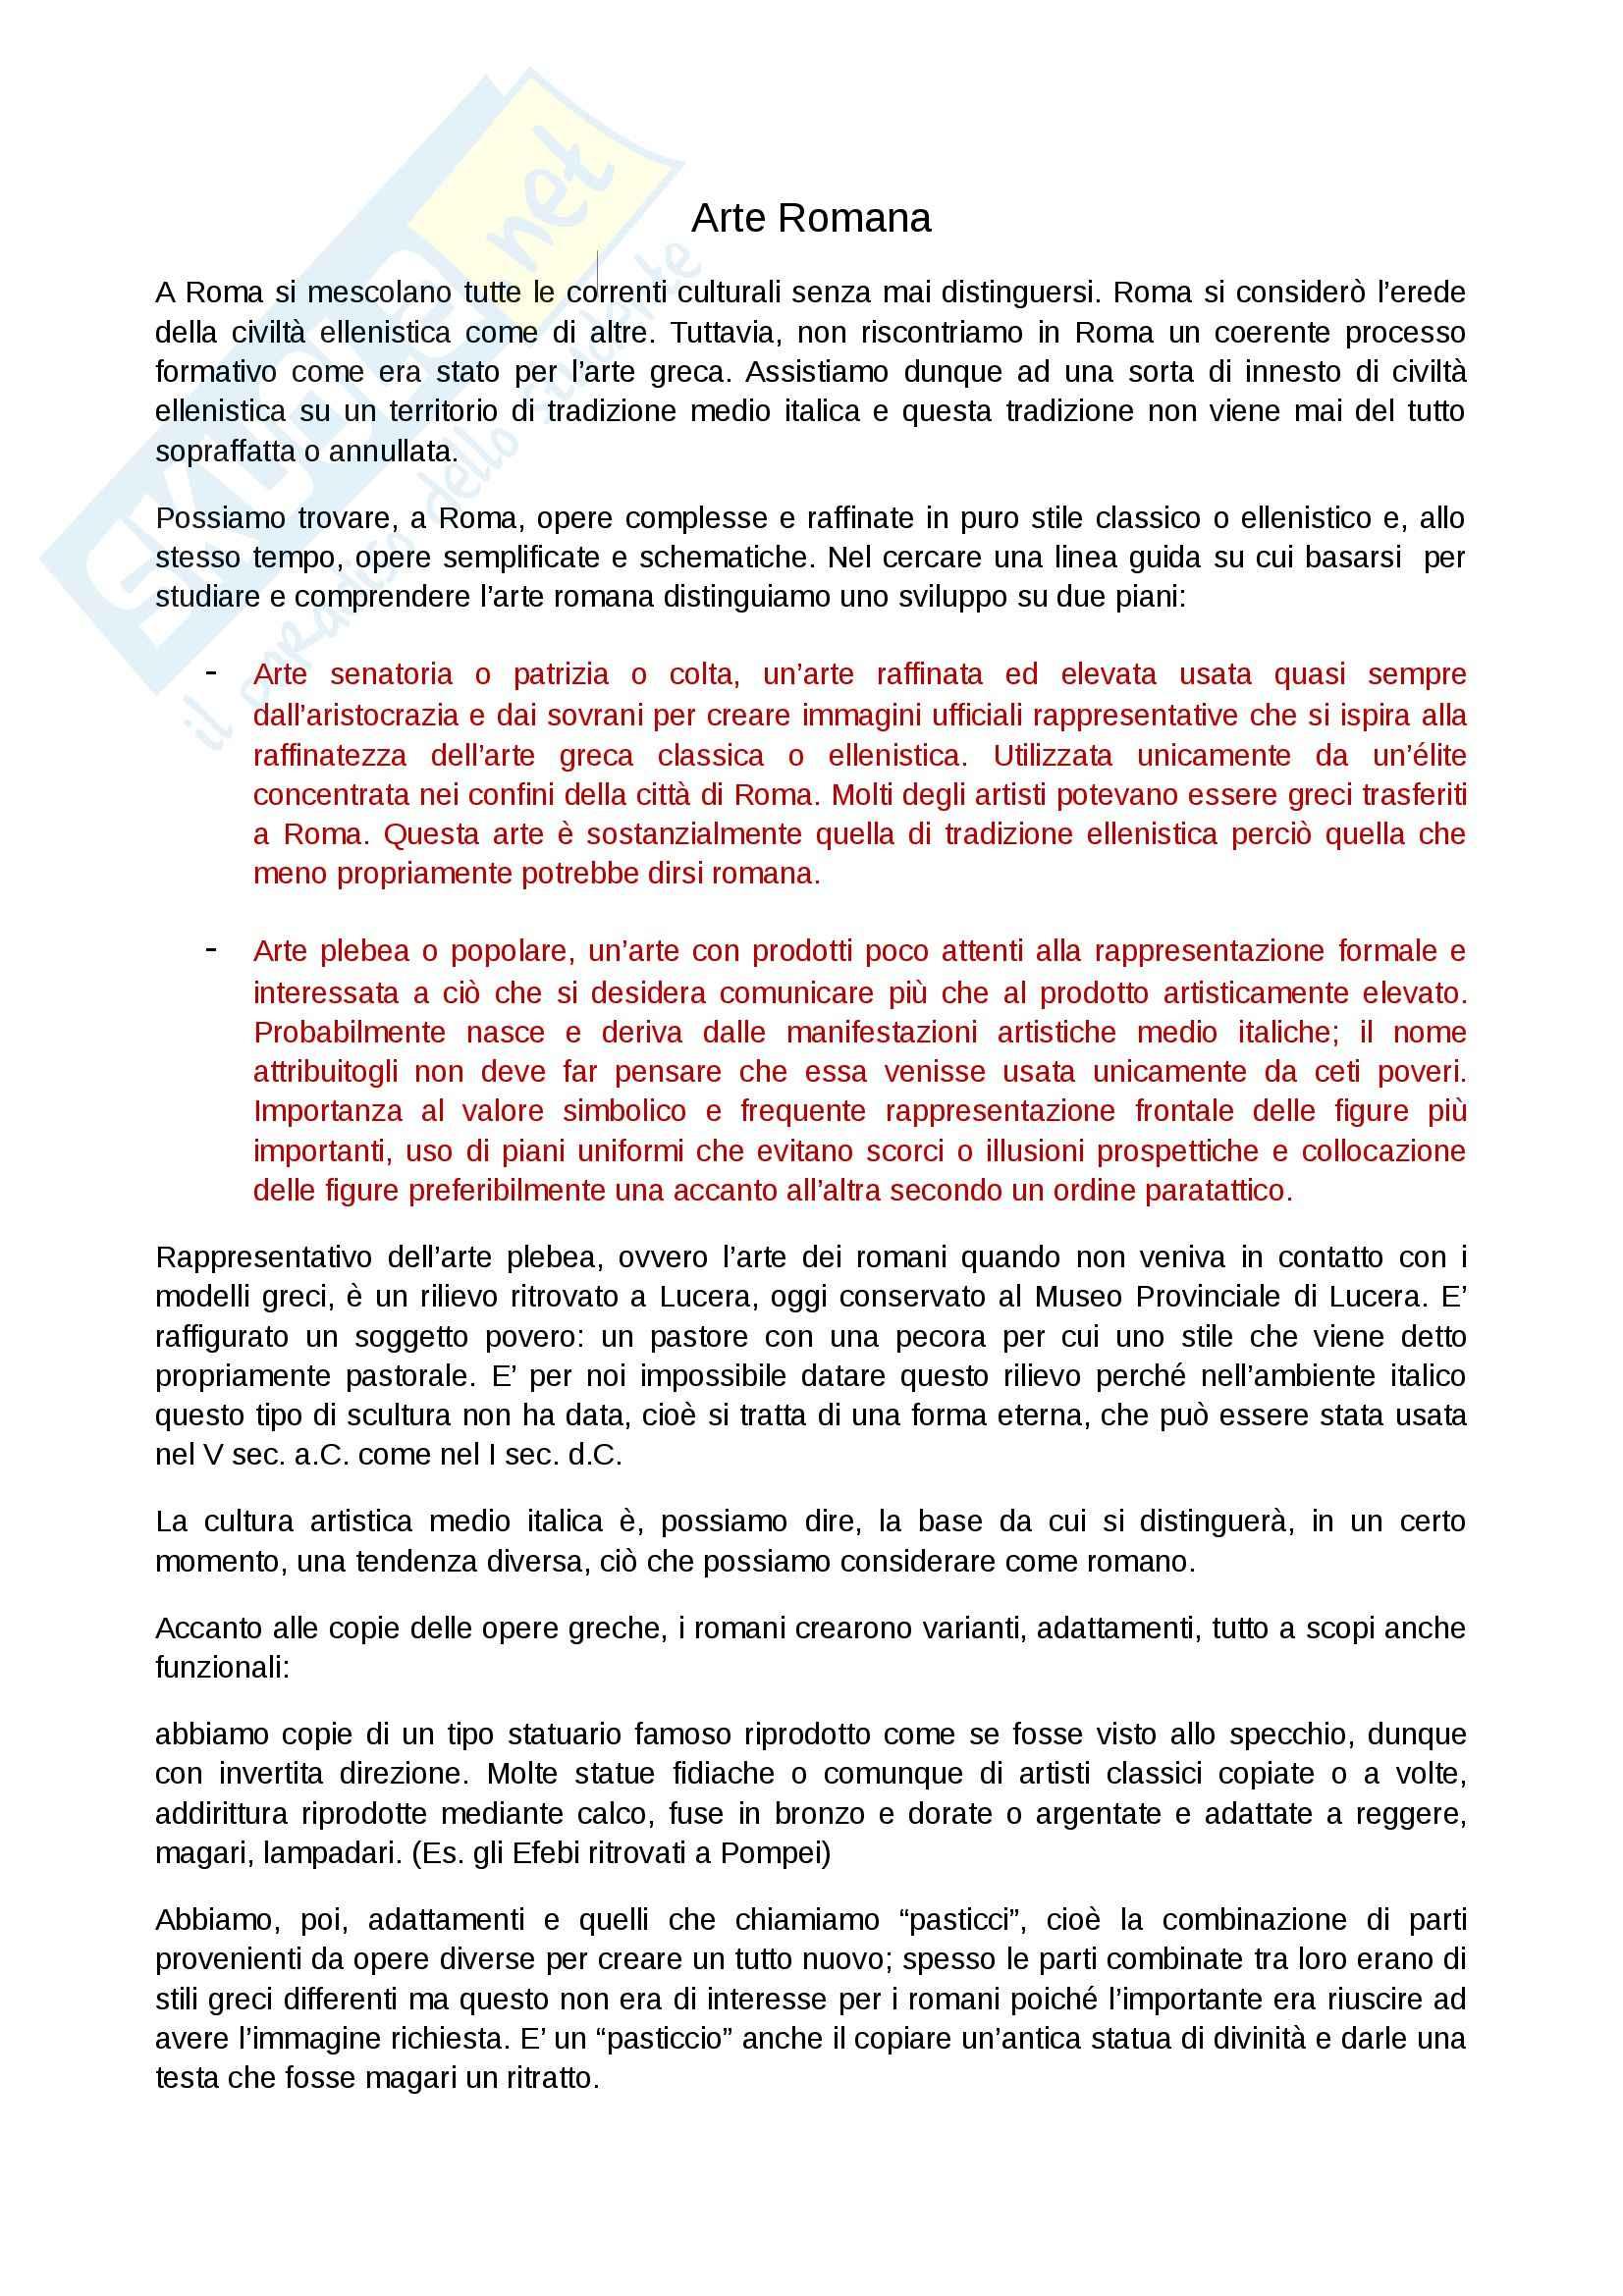 Riassunto esame Arte Romana, prof. Legrottaglie, libro consigliato Arte romana, Bianchi Bandinelli